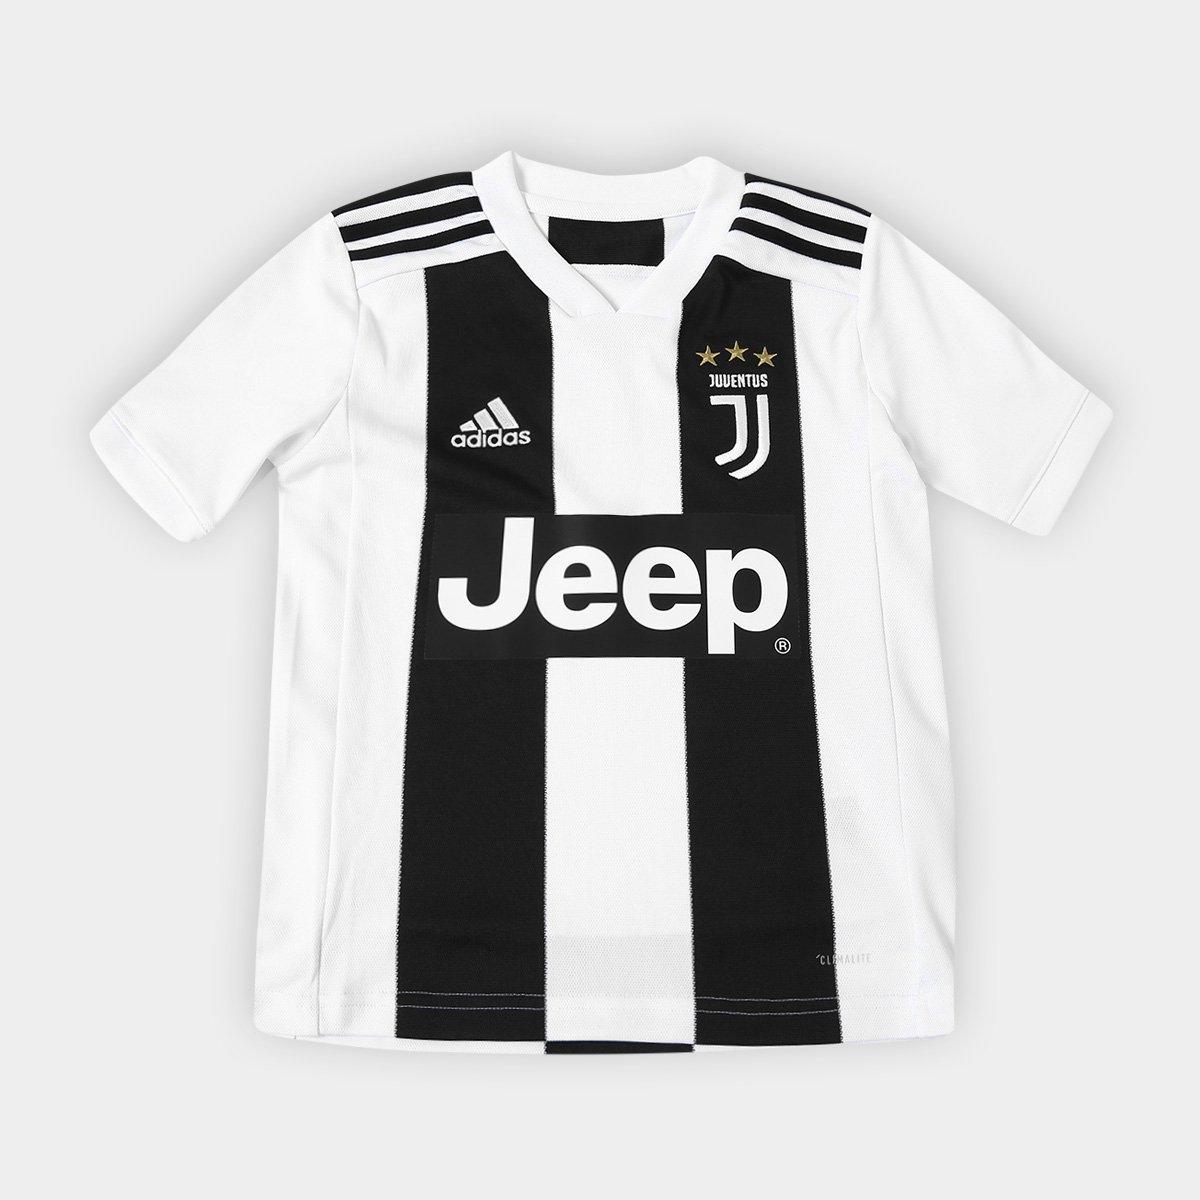 d8e7f741c21d9 Camisa Juventus Infantil Home 2018 s n° - Torcedor Adidas - Preto e Branco  - Compre Agora